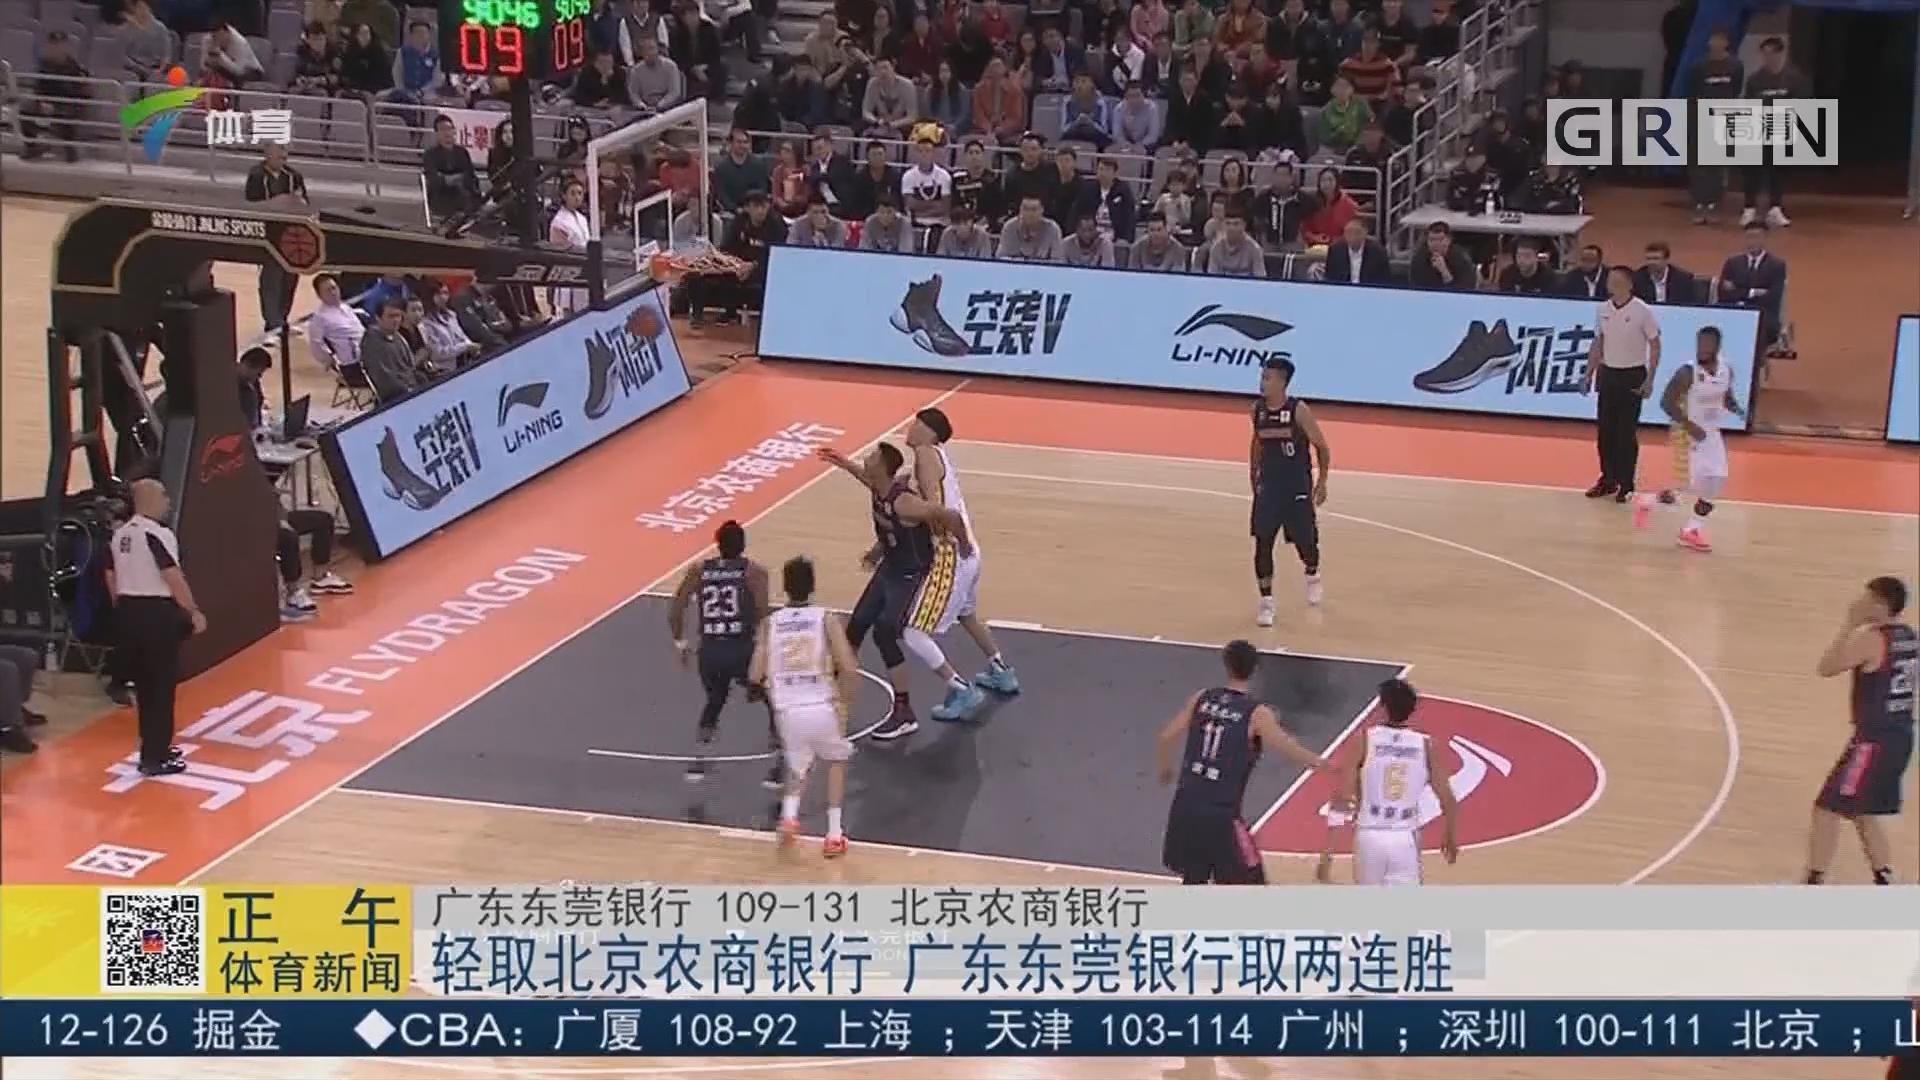 轻取北京农商银行 广东东莞银行取两连胜